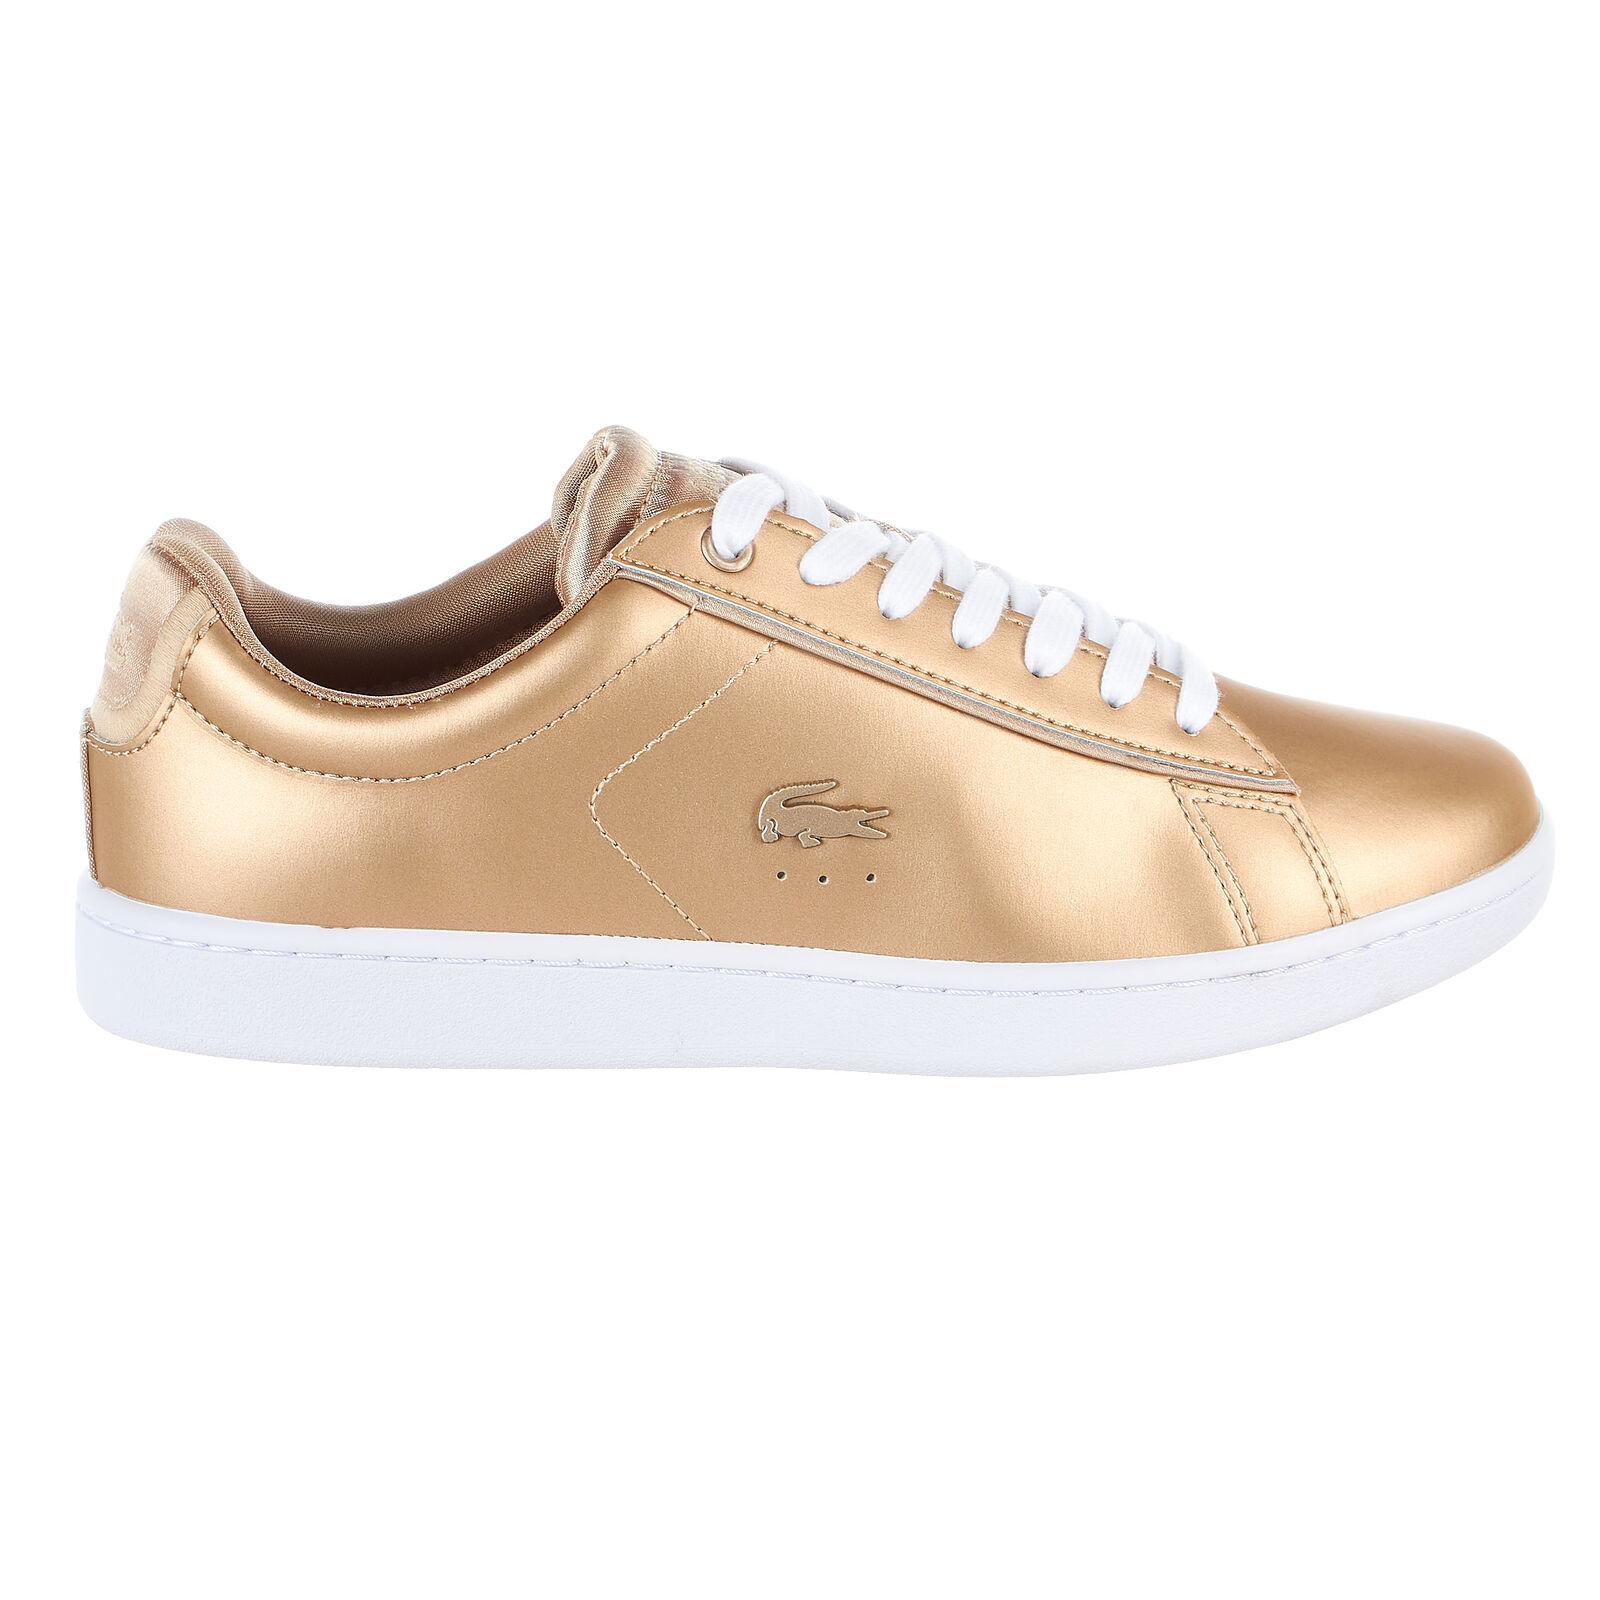 Lacoste Carnaby EVO 118 1 Spw Sneaker - Womens